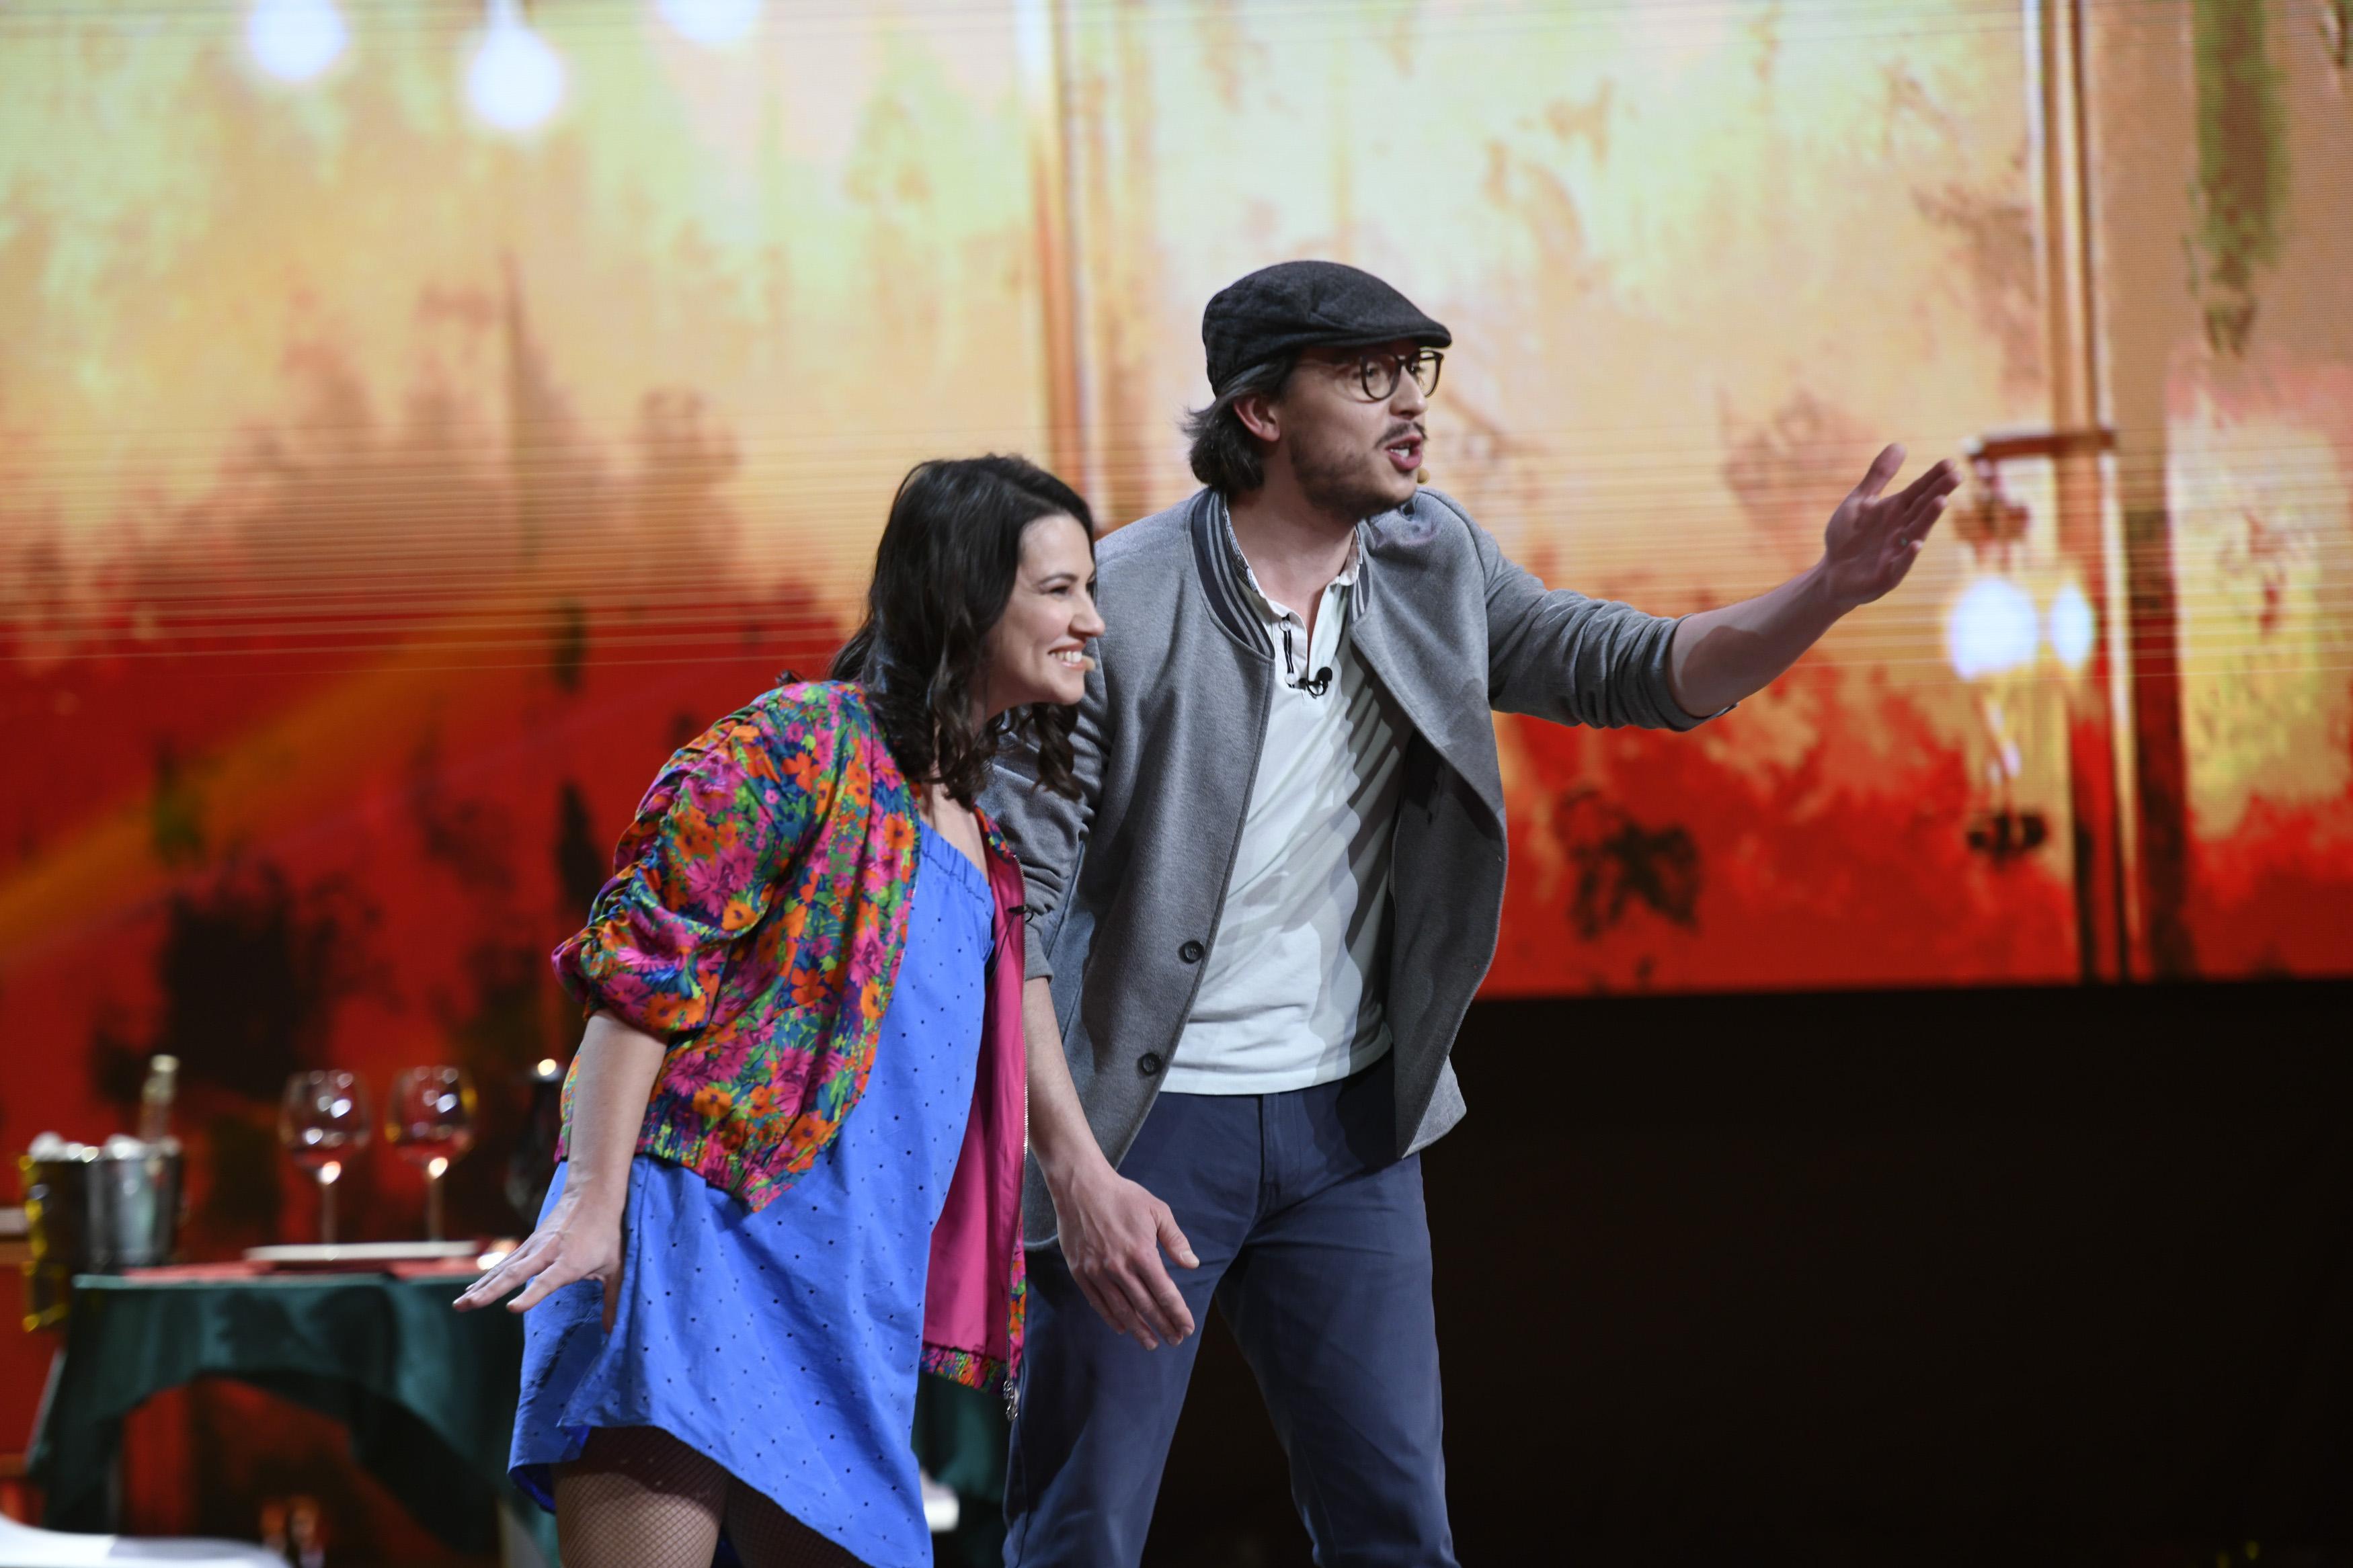 iUmor, 24 martie 2021. Alexandru și Liana Avădanei, părinții cu lipici la public, stârnesc hohote de râs în rândul juraților